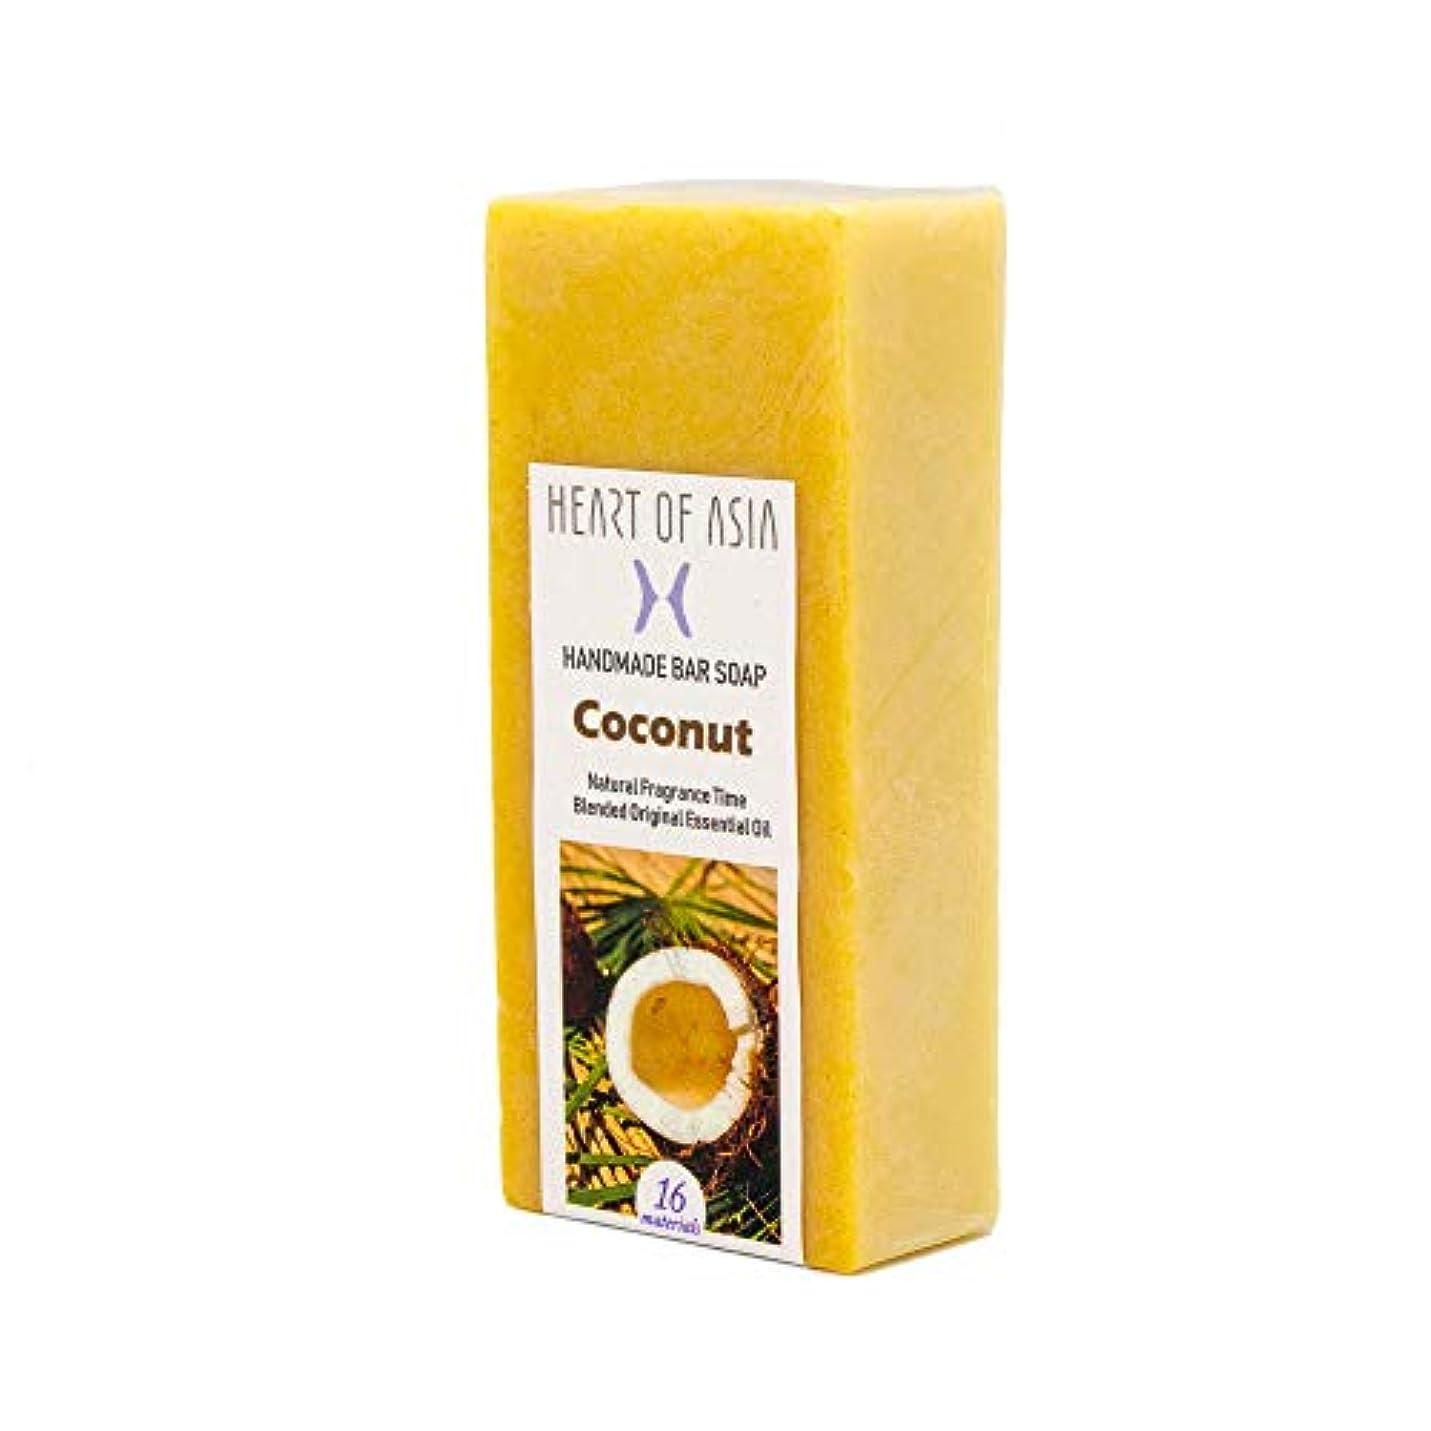 常識勘違いする確立香水のようなフレグランス石けん HANDMADE BAR SOAP ~Coconut ~ (単品)